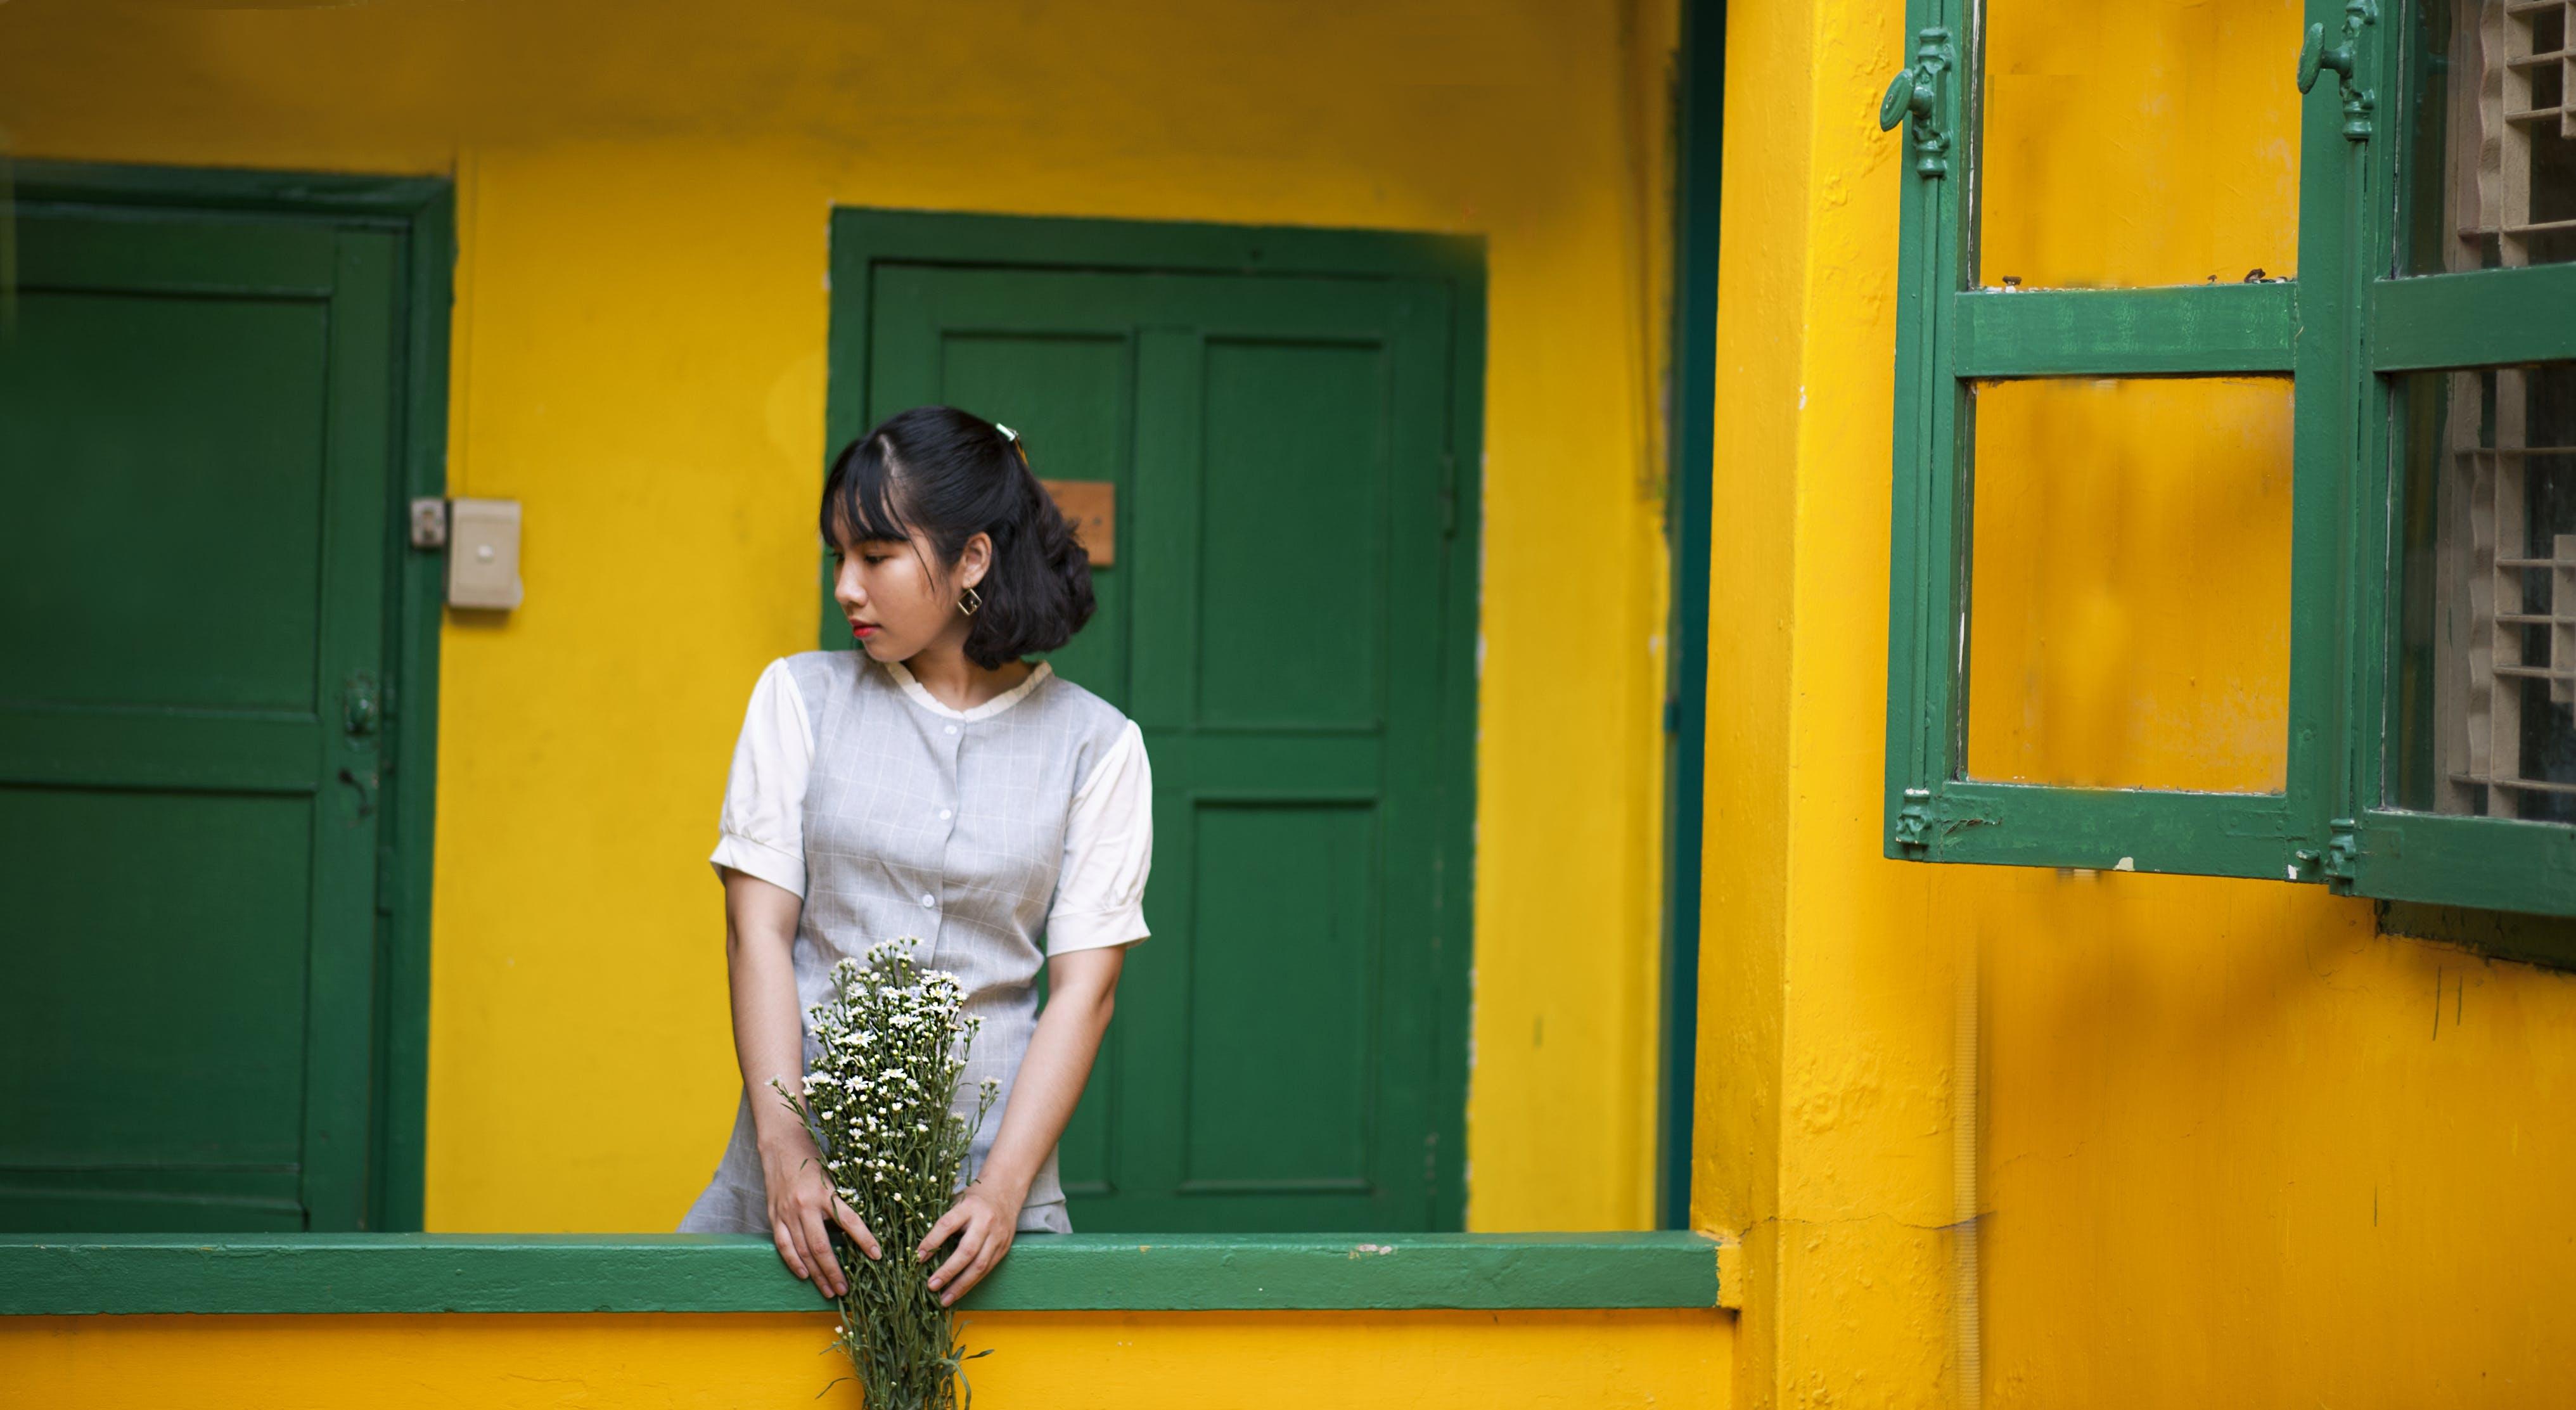 Woman Holding Flower Standing Behind Door